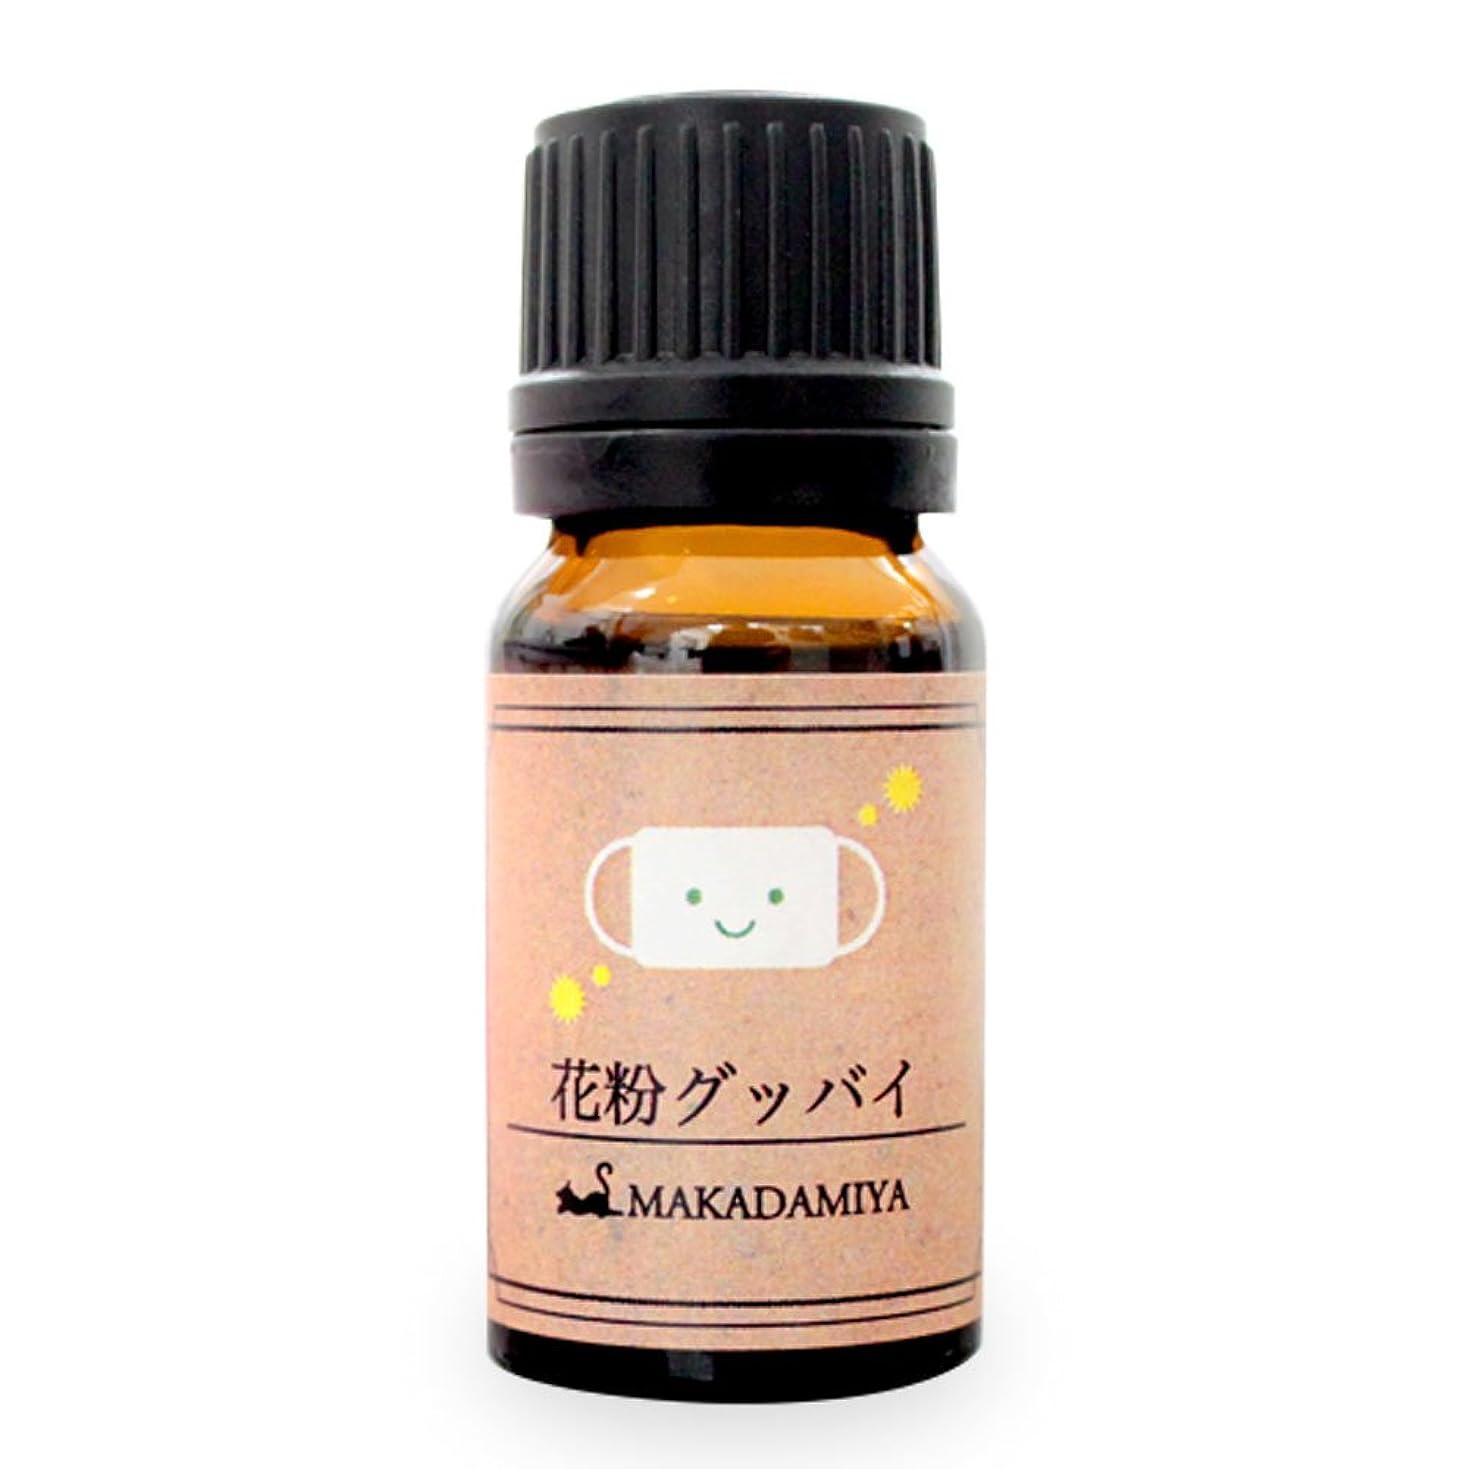 パラナ川偏心ストレスの多い花粉グッバイ10ml (天然100%植物性/アロマオイル:ティートゥリー?ペパーミント?ユーカリ?ラベンダー?マートル配合)